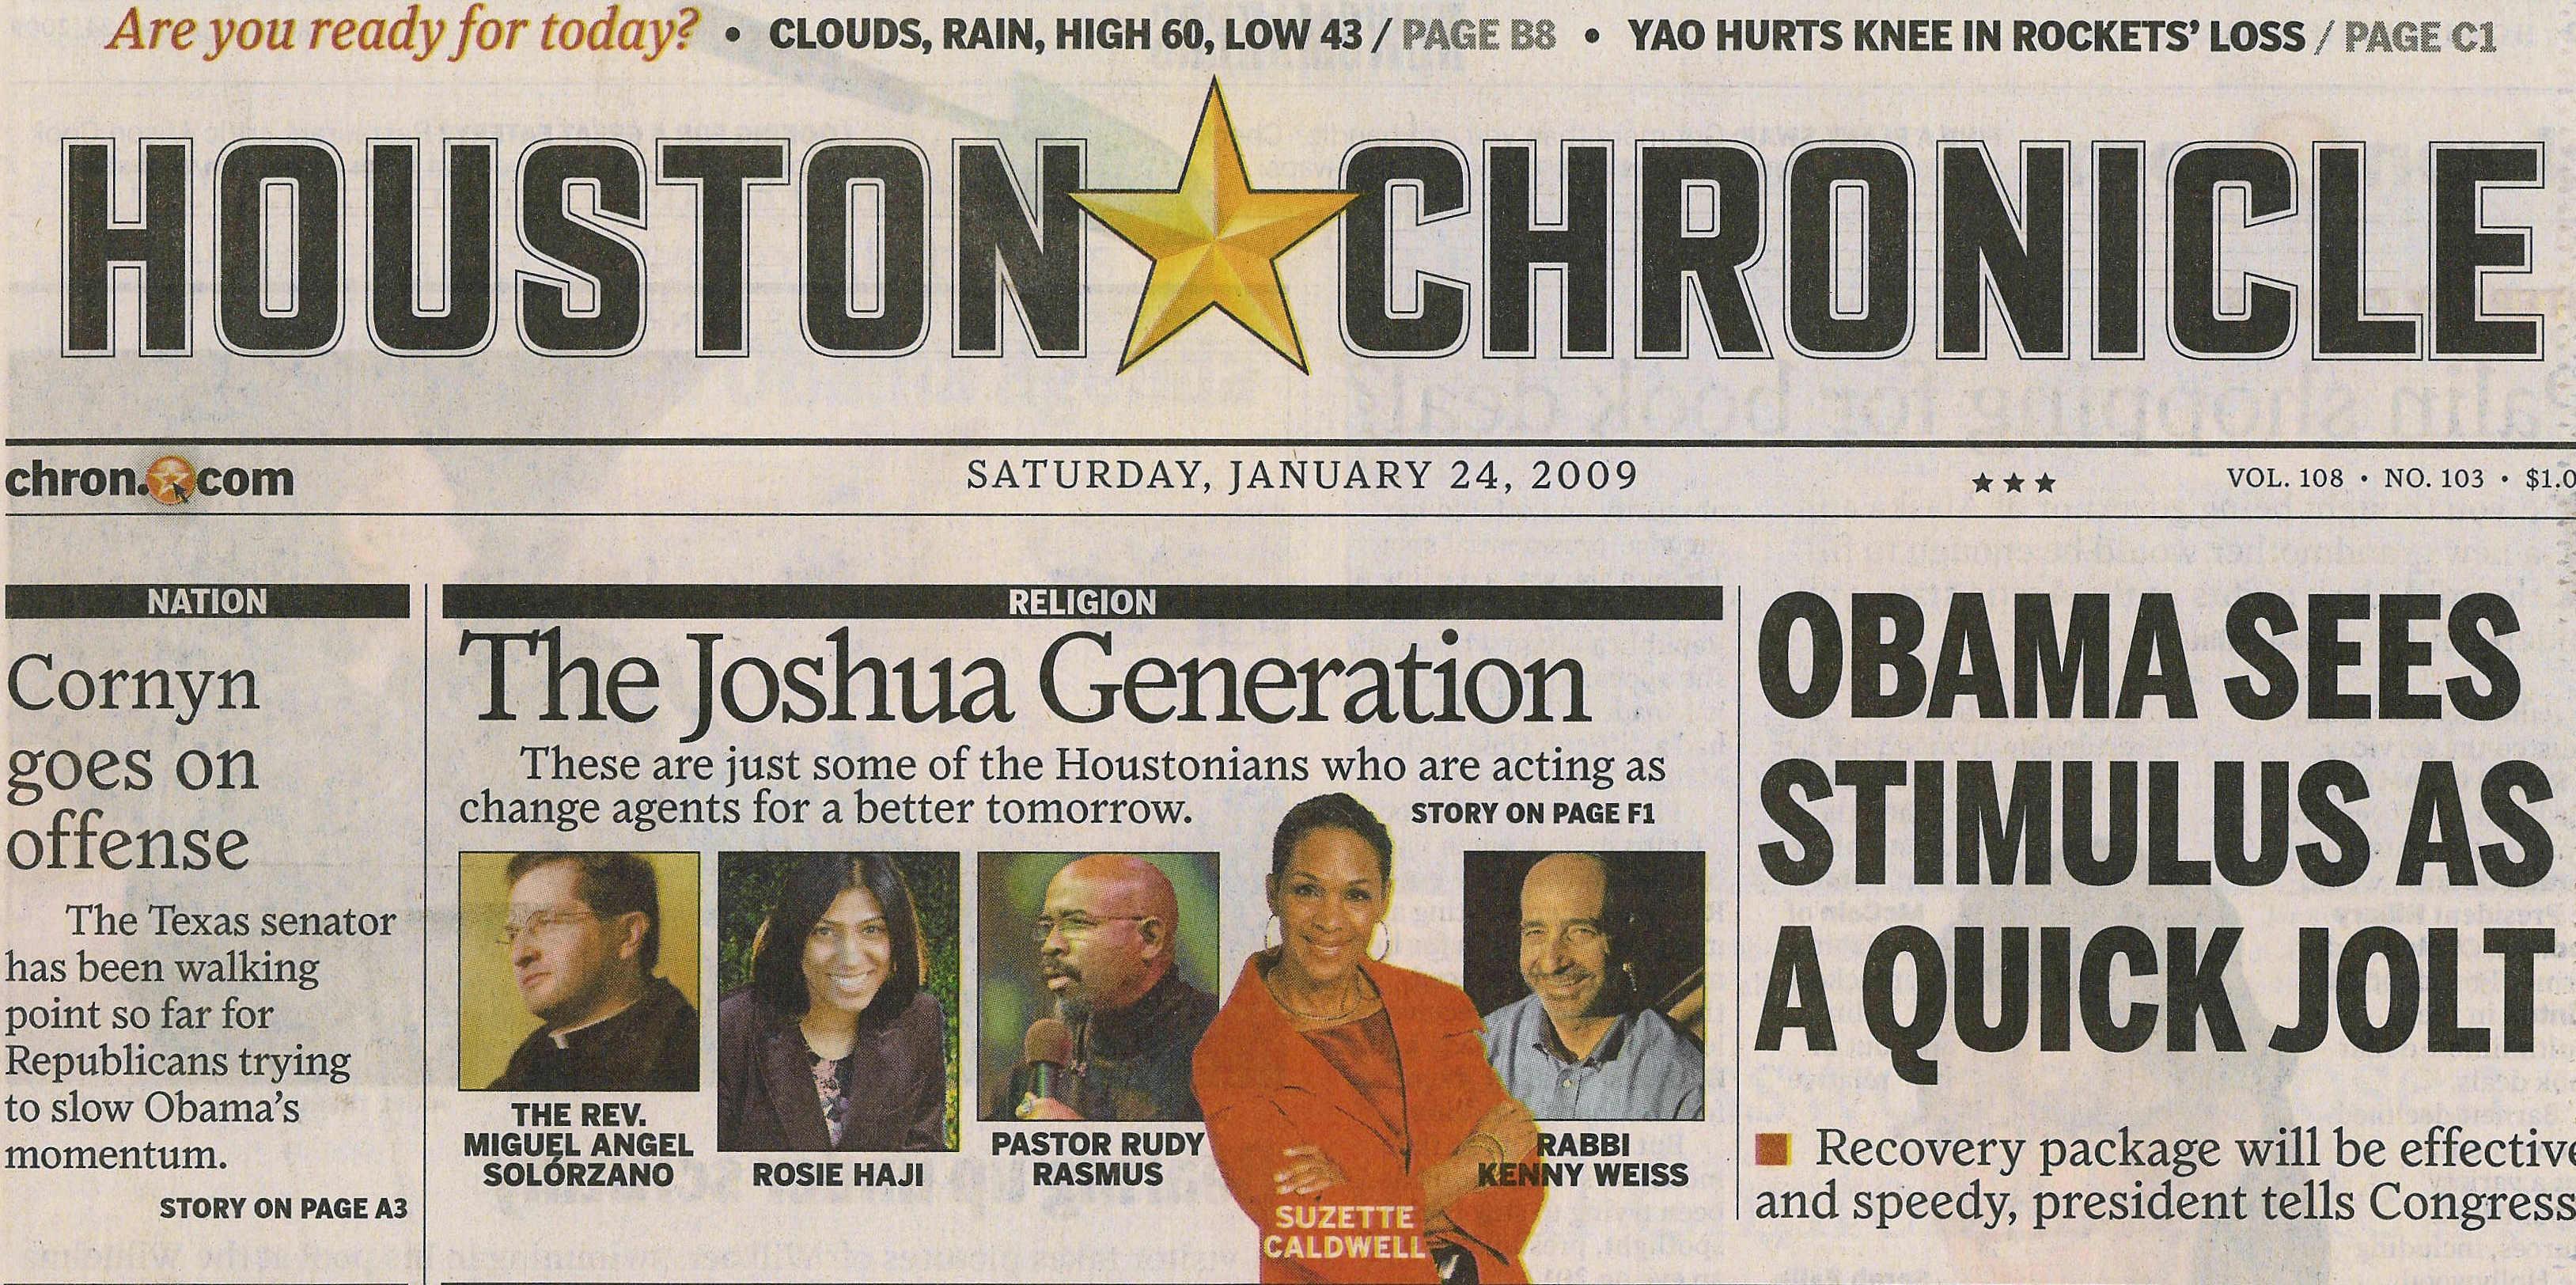 Houston Chronicle recognises The Joshua Generation ...